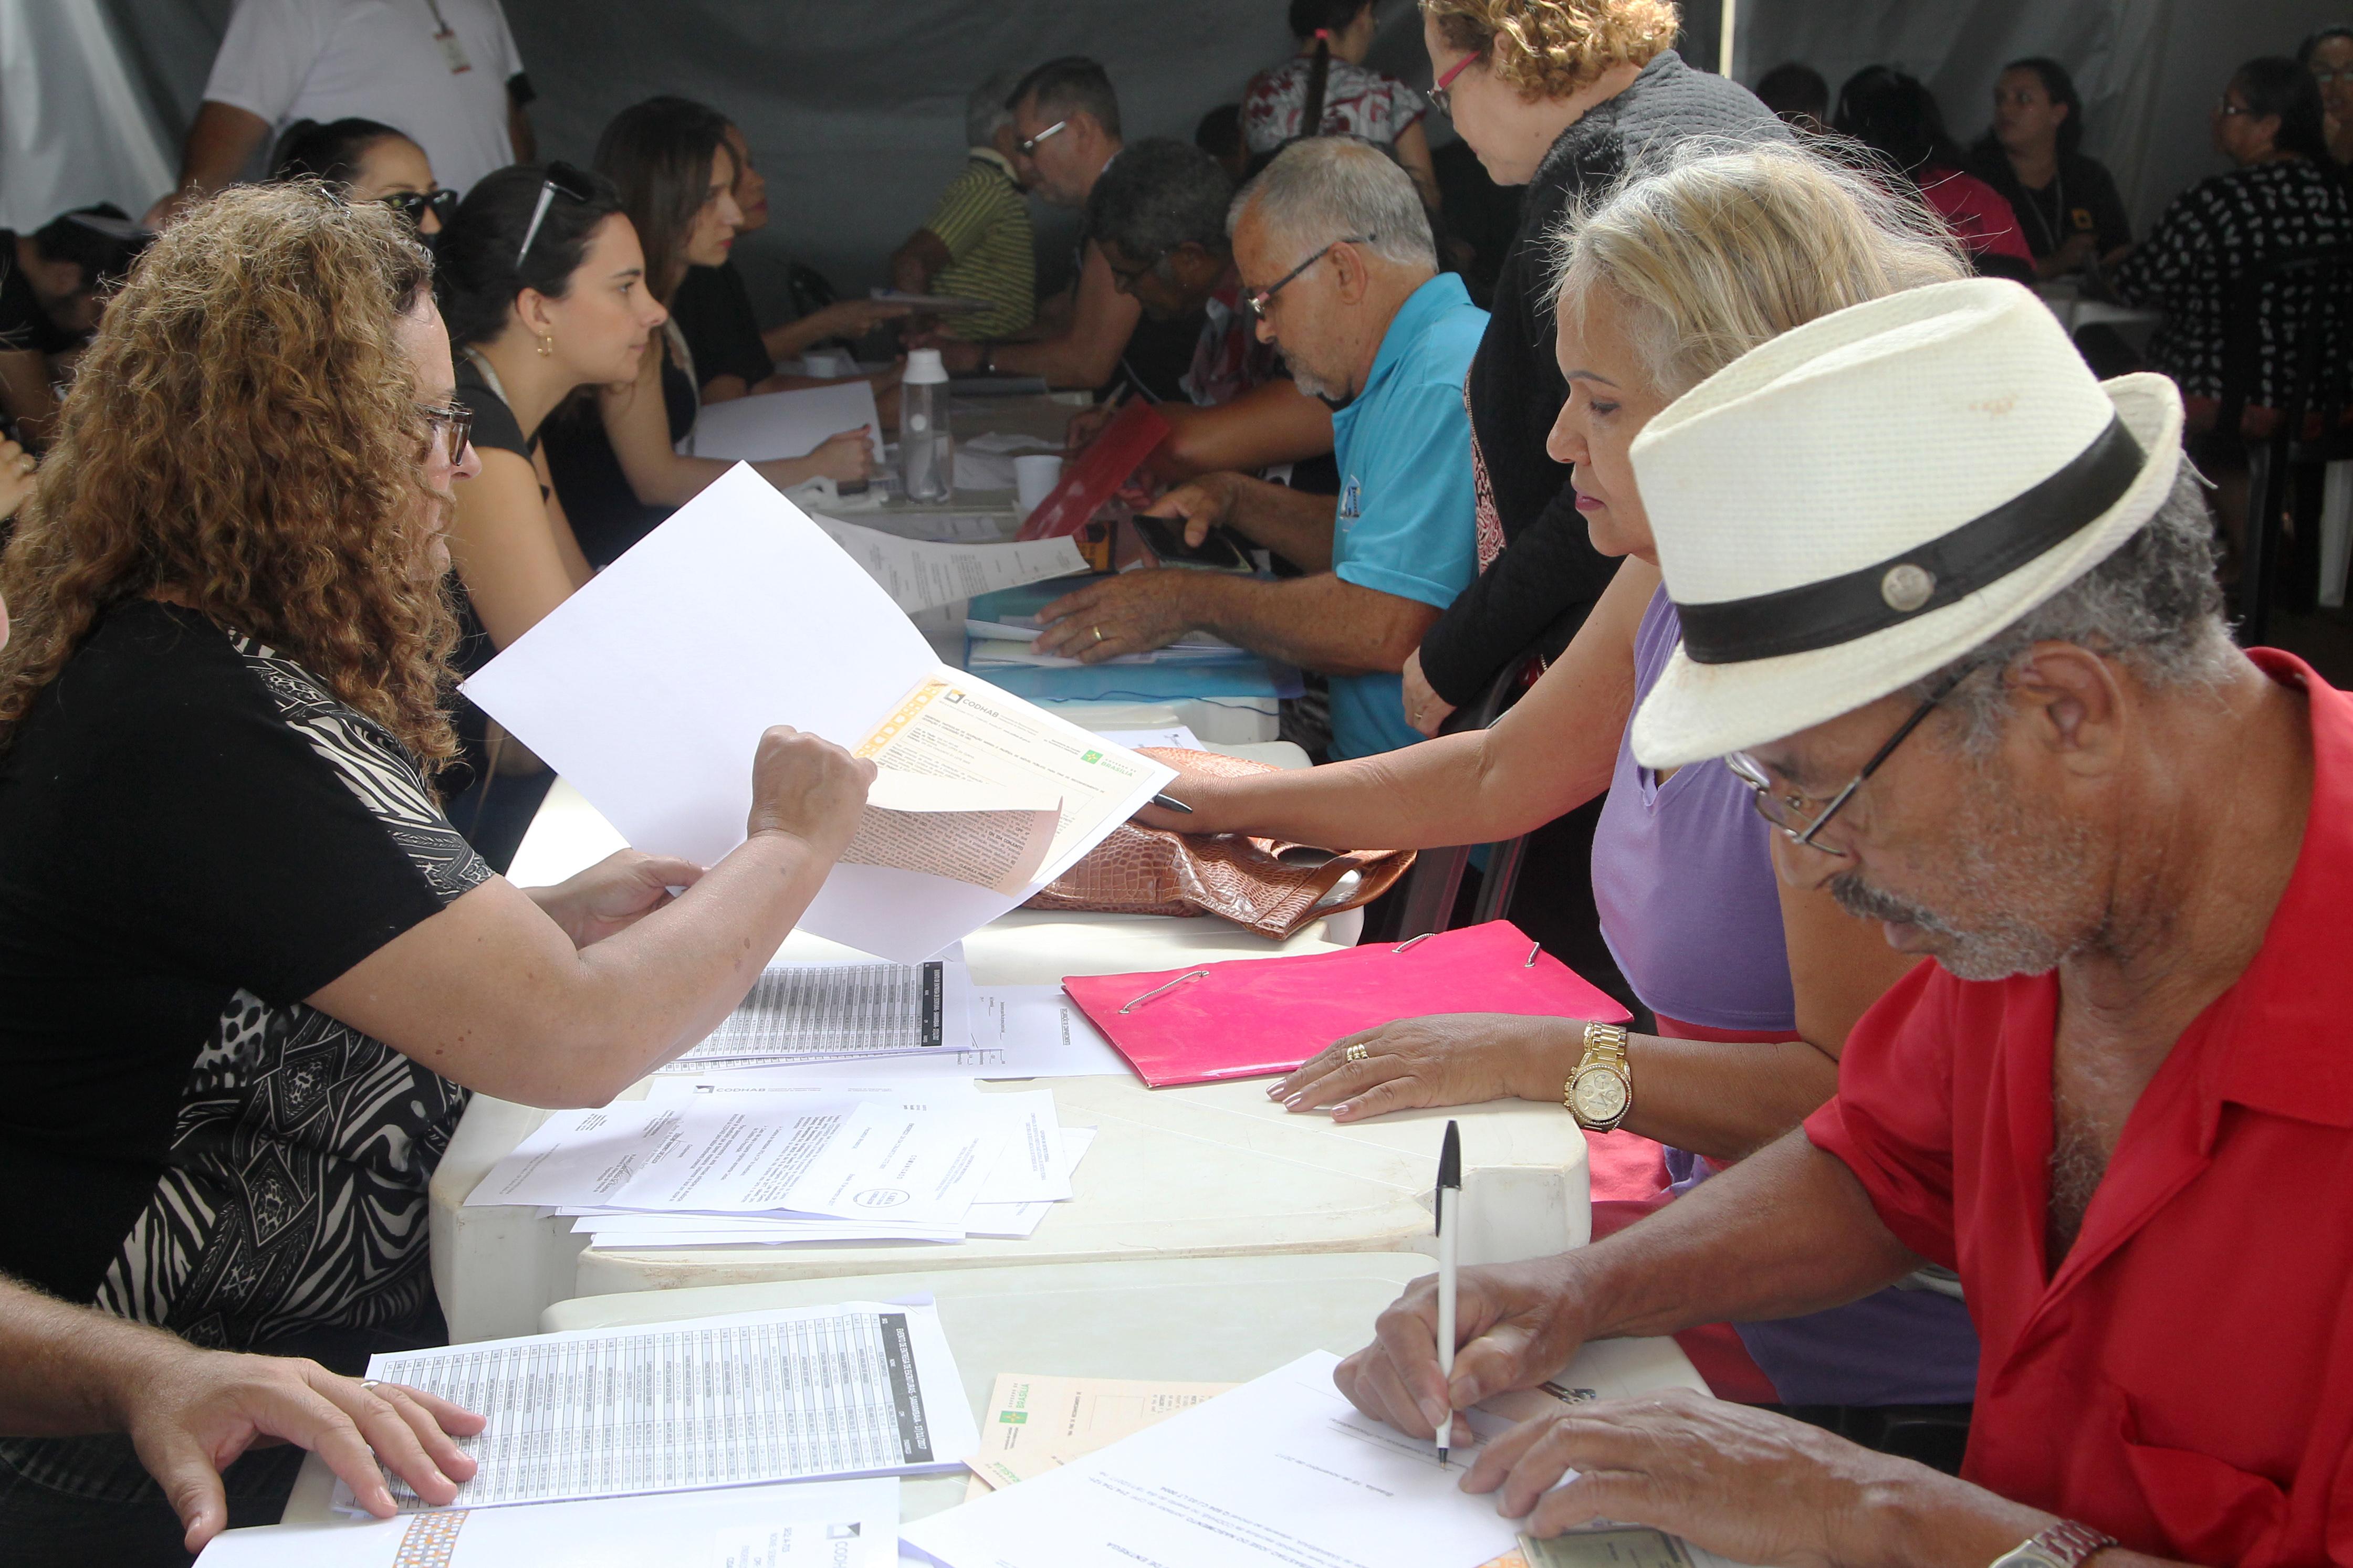 64.446 escrituras entregues à população desde 2015: <ul>     <li>Em 2015, foram entregues 11.549 escrituras: 162 em Brazlândia; 28 na Candangolândia; 544 na Ceilândia; 12 no Gama; 1.109 na Estrutural; 104 no Guará II; 881 em Planaltina; 1.188 no Rencanto da Emas; 322 no Riacho Fundo I; 464 no Riacho Fundo II; 2.607 na Samambaia; 770 em Santa Maria; 1.023 em Sobradinho II; 562 em Taguatinga; 63 na Vila Planalto; 29 na Vila Telebrasília; e 415 na Vila varjão. Foram entregues ainda 1.266 escrituras de imóveis financiados pela antiga Sociedade de Habitação de Interesse Social - SHIS em todo Distrito Federal </li>     <li>Em 2016, foram entregues 13.629 escrituras: 24 em Águas Claras; 226 em Brazlândia; 5 na Candangolândia; 1.886 na Ceilândia; 406 no Gama; 974 na Estrutural; 10 no Guará II; 123 em Planaltina; 1.139 no Recanto da Emas; 11 no Riacho Fundo I; 388 no Riacho Fundo II; 2.897 na Samambaia; 2.809 em São Sebastião; 37 em Santa Maria; 1.336 em Sobradinho II; 150 em Taguatinga; 3 na Vila Telebrasília; e 28 na Vila varjão. Foram entregues ainda 1.177 escrituras de imóveis financiados pela antiga SHIS em todo DF </li>     <li>Em 2017, foram entregues 19.062 escrituras: 3.346 na Ceilândia; 437 no Itapoã; 944 em Planaltina; 907 no Recanto da Emas; 2.765 no Riacho Fundo II; 5.073 em Samambaia; 707 em São Sebastião; 2.427 em Santa Maria; 780 em Sobradinho II; e 253 Vila planalto. Foram entregues ainda 1.423 escrituras de imóveis financiados pela antiga SHIS em todo DF</li>    <li>Até outubro/2018, foram entregues 20.206 escrituras: 42 em Águas Claras, 4 em Brazlândia, 3 na Candangolândia, 4.471 em Samambaia,  2.997 no Recanto das Emas, 3.130 em Planaltina, 419 no Varjão, 1.408 em São Sebastião, 1.527 em Santa Maria, 1.472 no Riacho Fundo II, 446 no Riacho Fundo, 103 no Guará, 2 no Guará II, 684 na Estrutural, 1.599 na Ceilândia, 837 em Sobradinho II,  559  em Taguatinga, 2 na Vila Telebrasília e 13 no Itapoã. Foram entregues ainda 488 escrituras de imóveis financiados pe